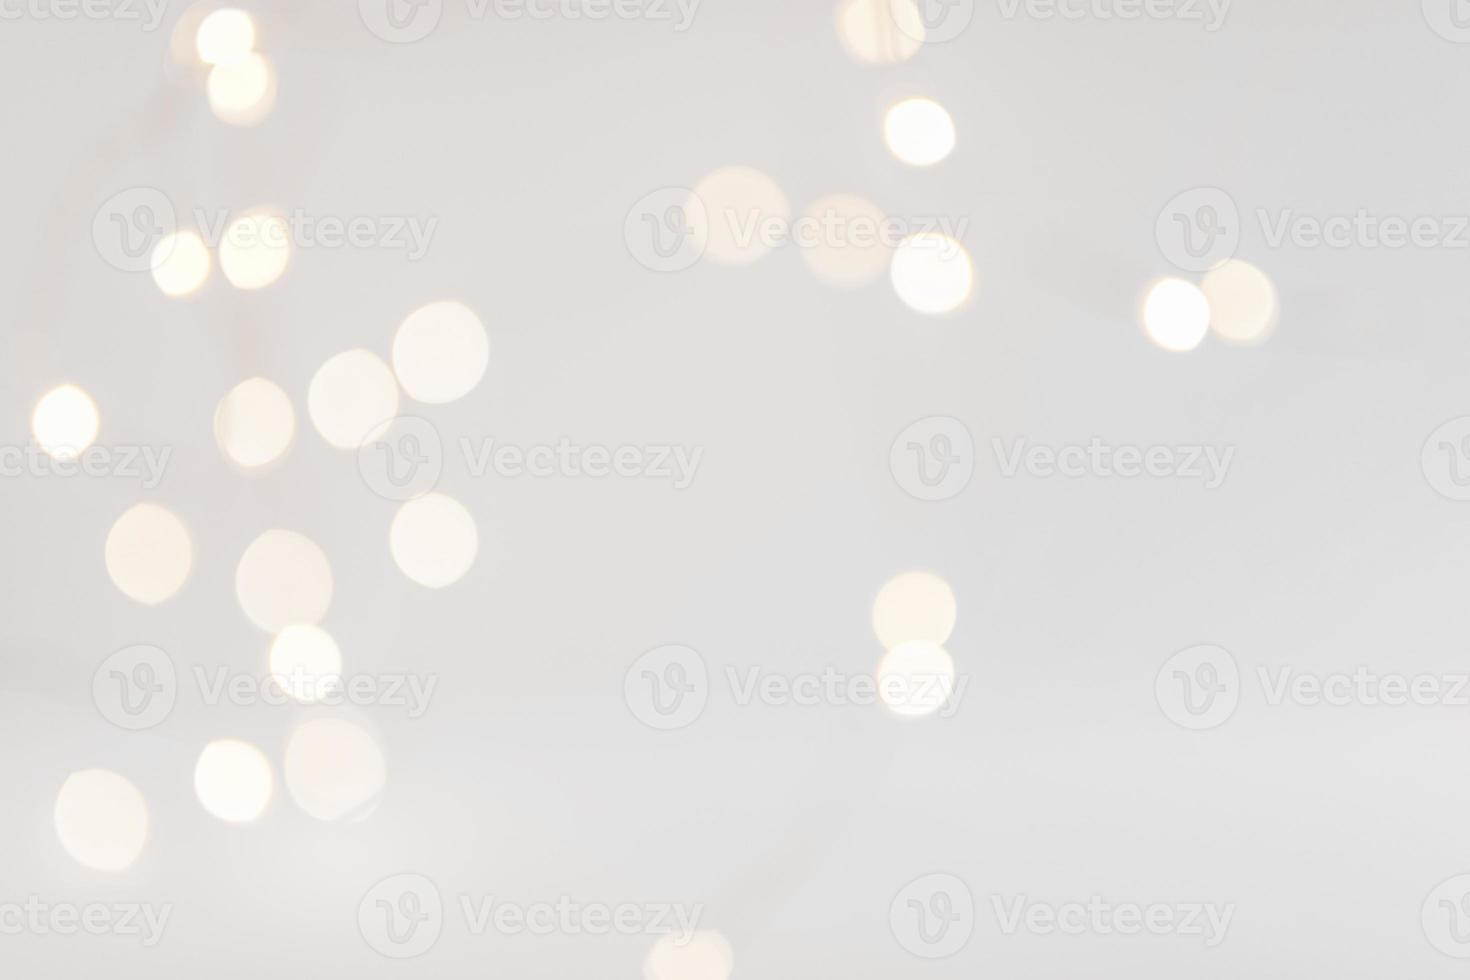 bokeh lumières fond blanc photo